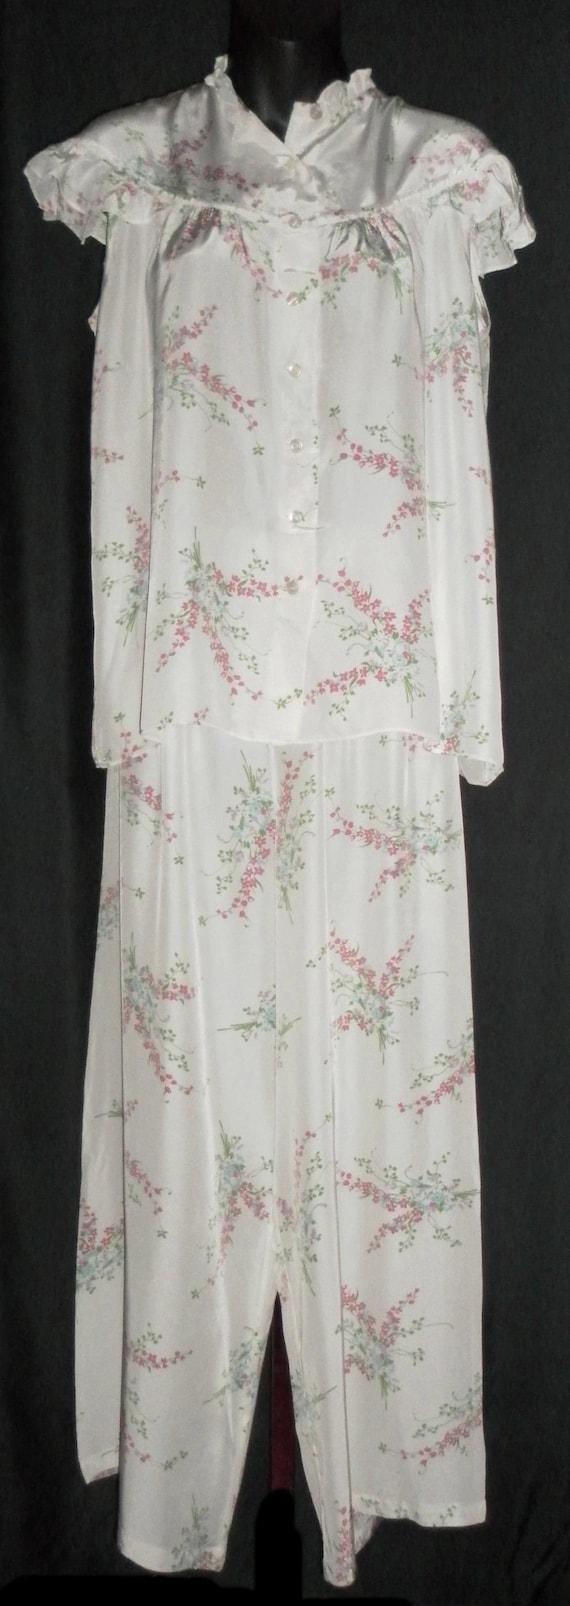 1940's Old Hollywood Starlet Vintage White & Flora